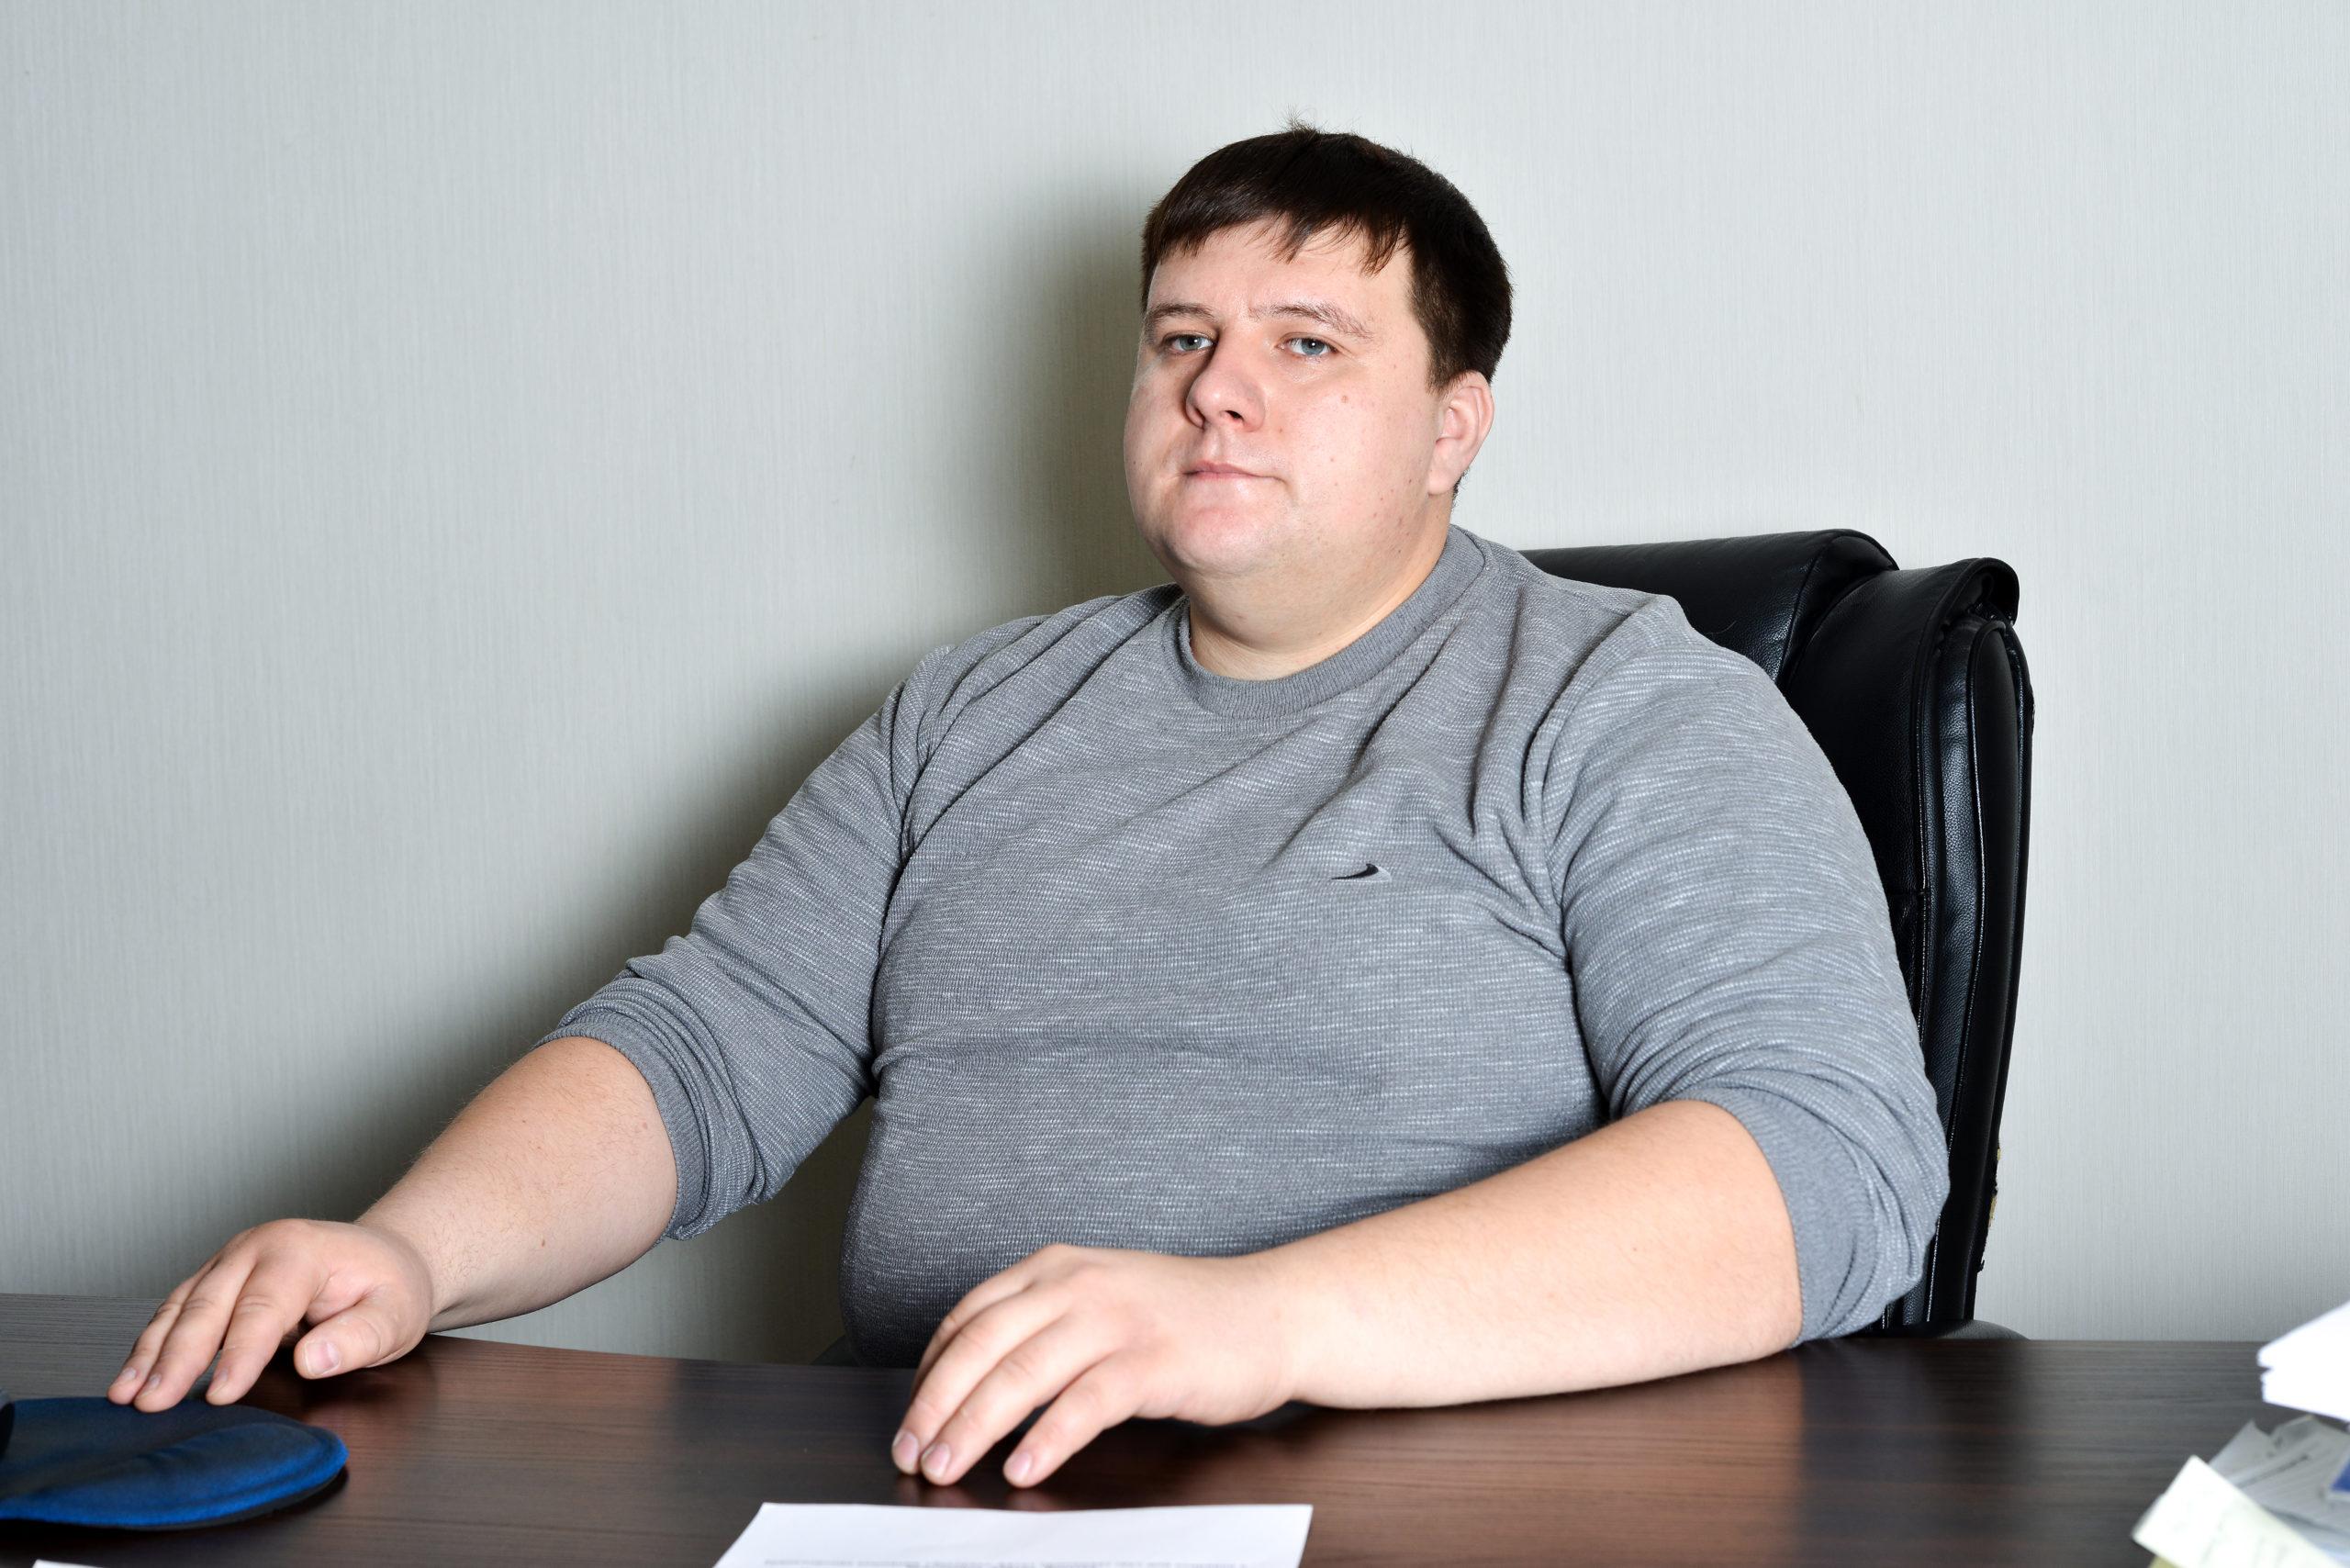 Дергачев Александр Сергеевич (Менеджер по сбыту продукции)